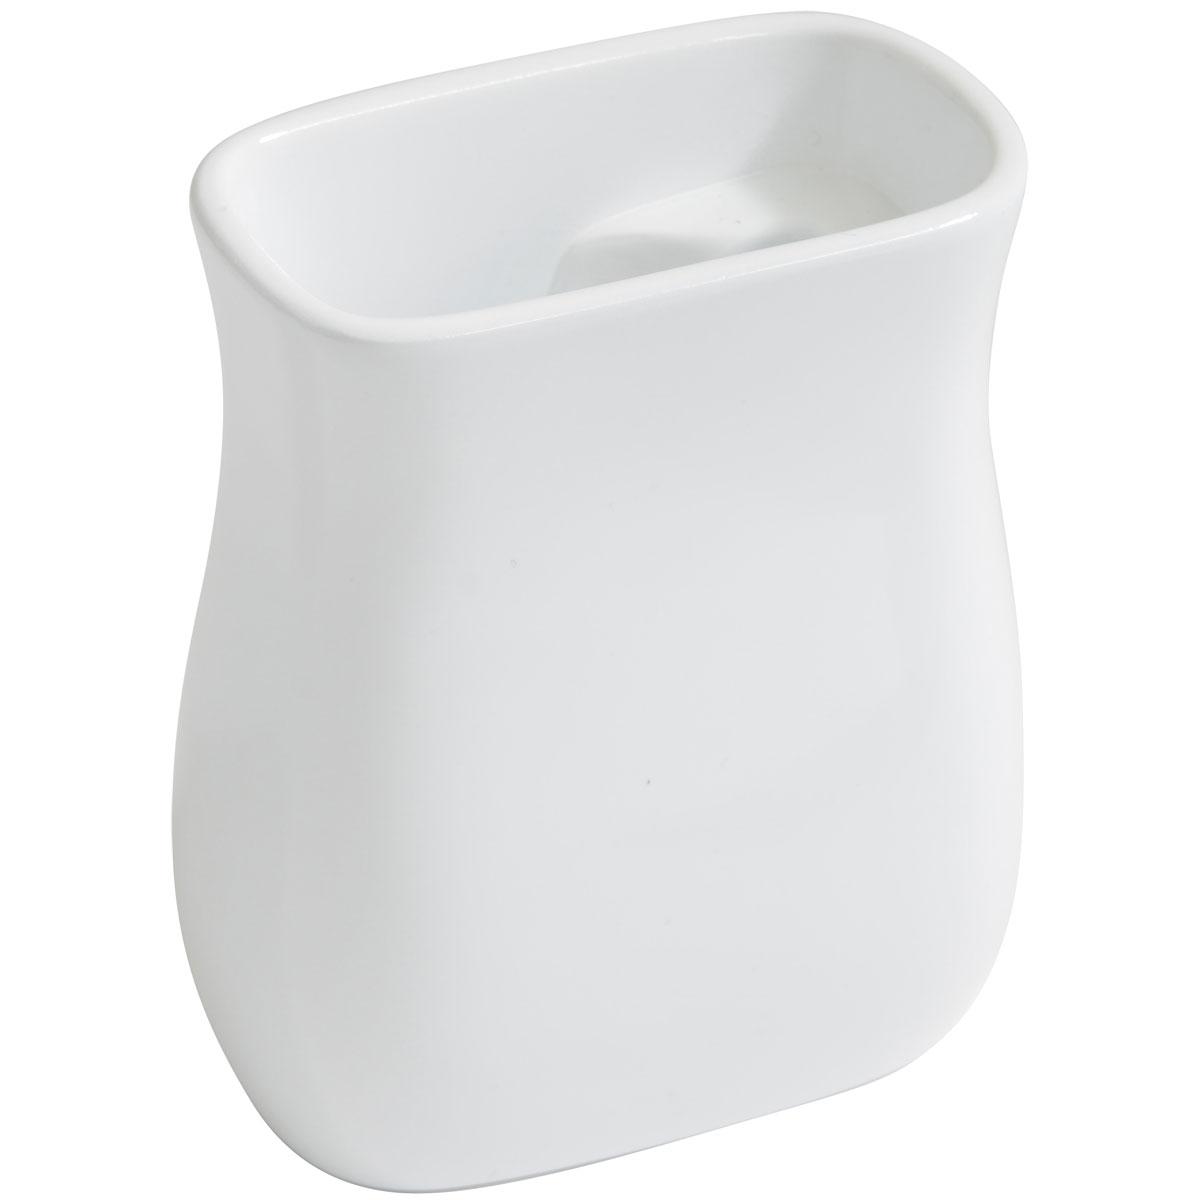 【選べるカラー】トイレブラシスタンド ideaco SB pot 流せるトイレブラシ用 イデアコ エスビーポット ホワイト